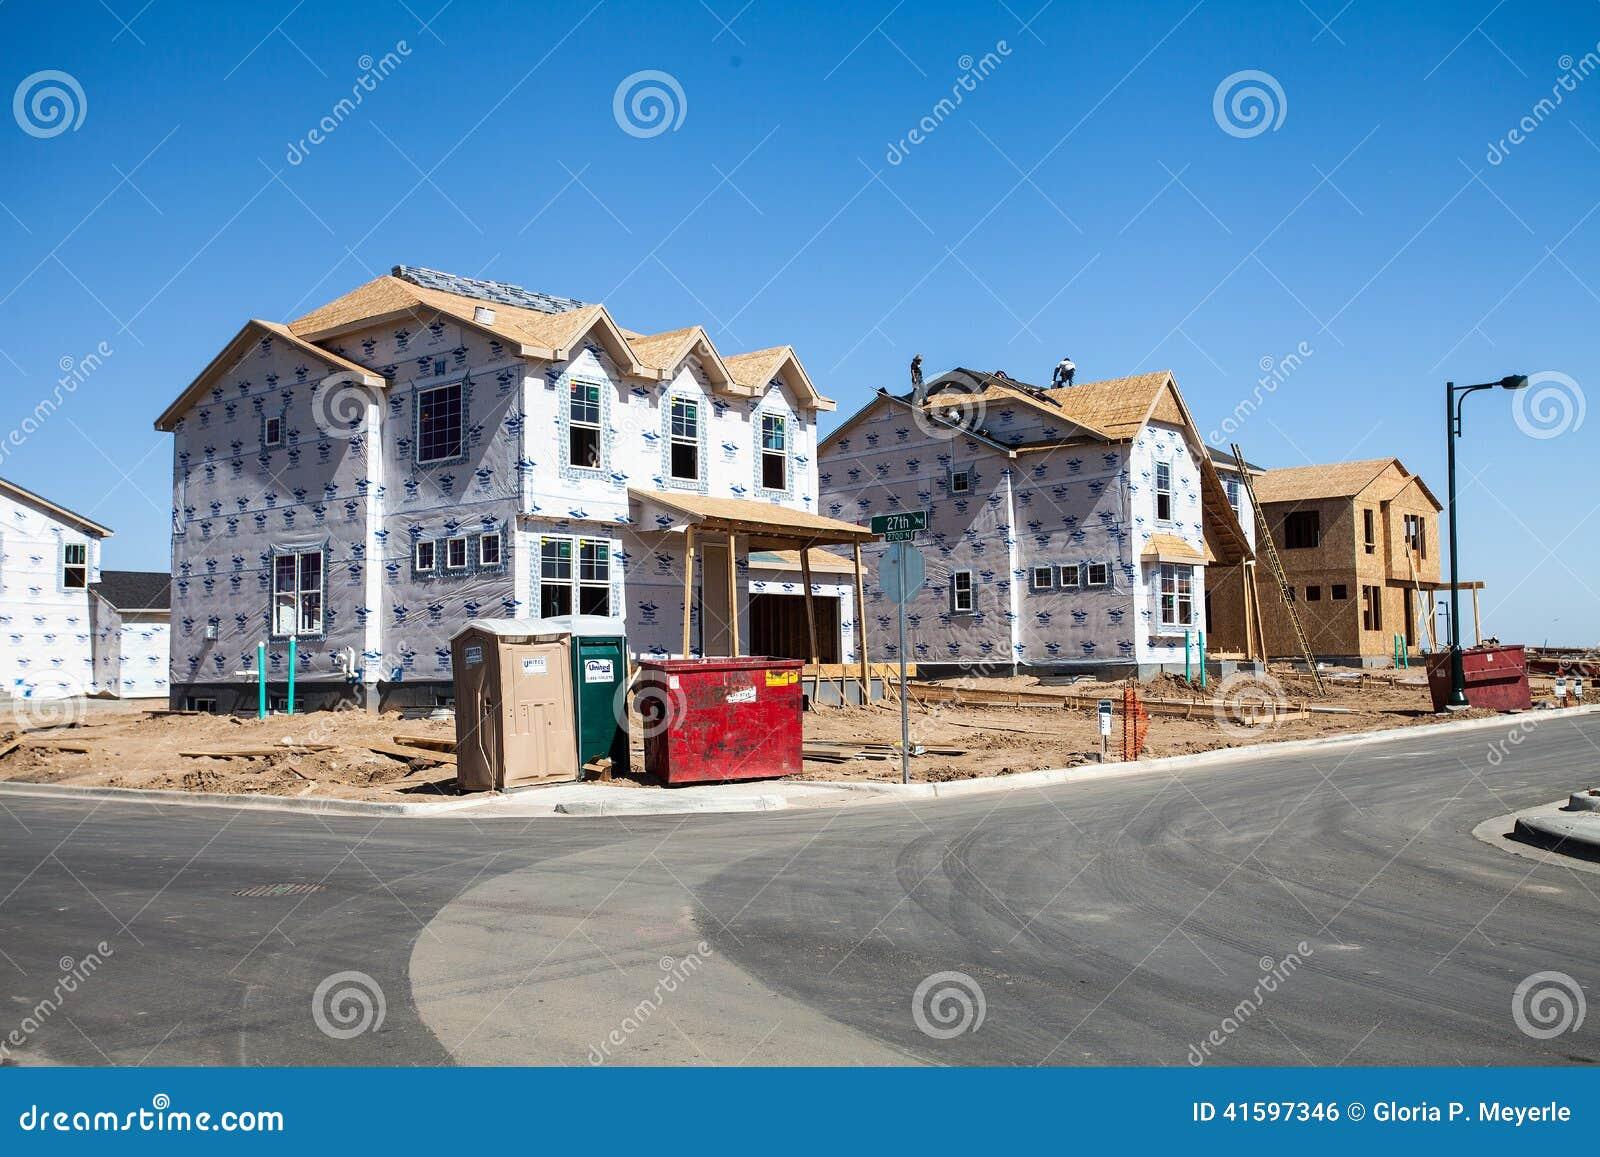 Marvelous Baustelle Von Neuen Häusern